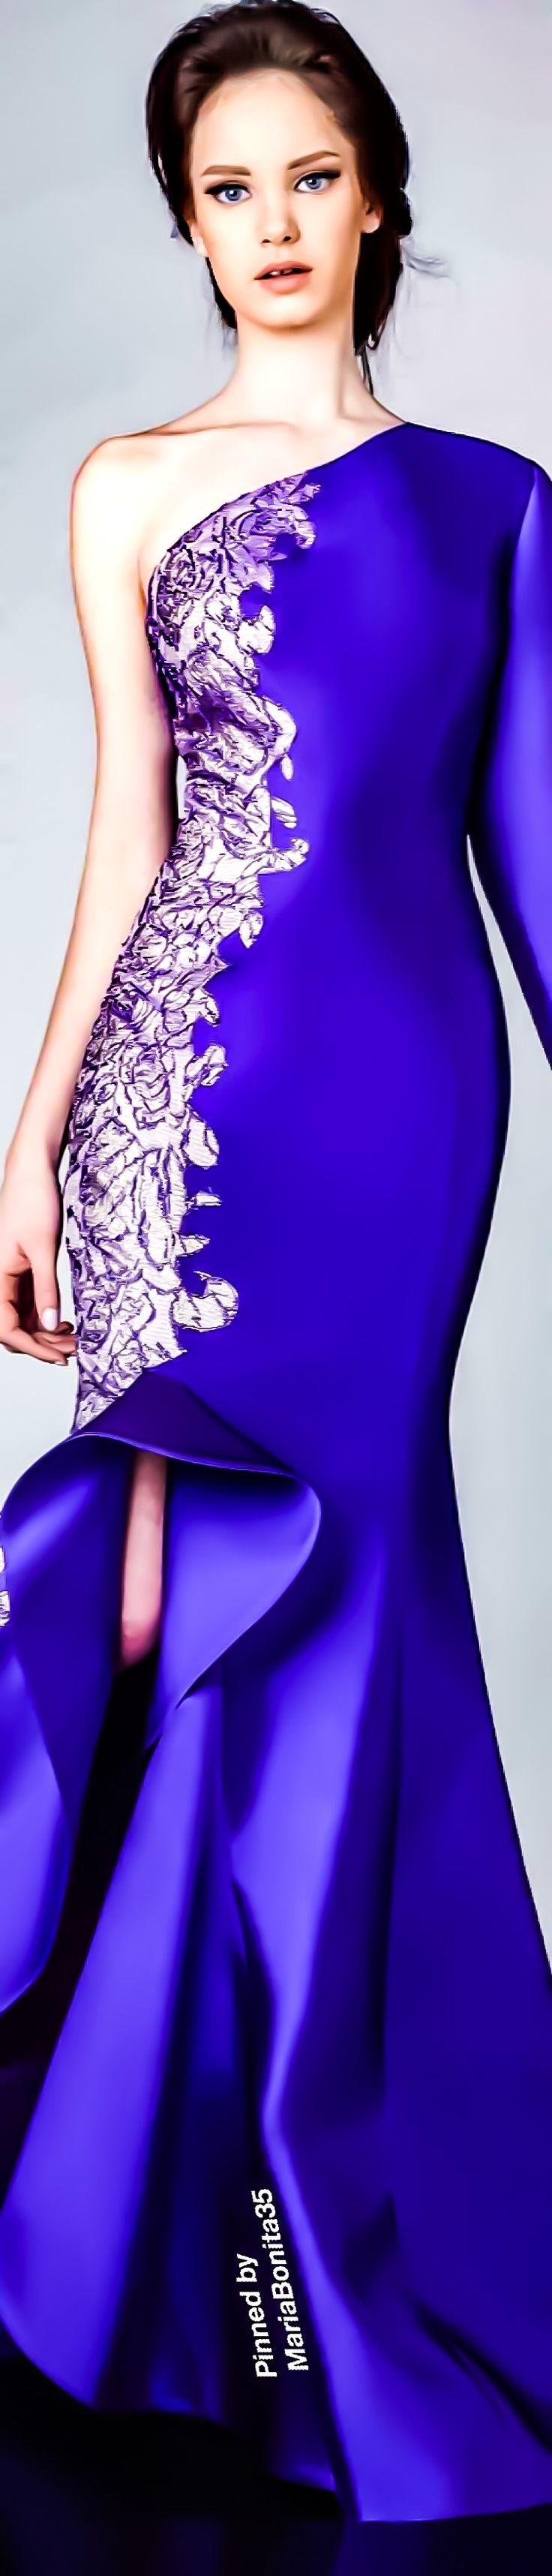 Mejores 86 imágenes de Vestidos clima cálido en Pinterest | Vestidos ...